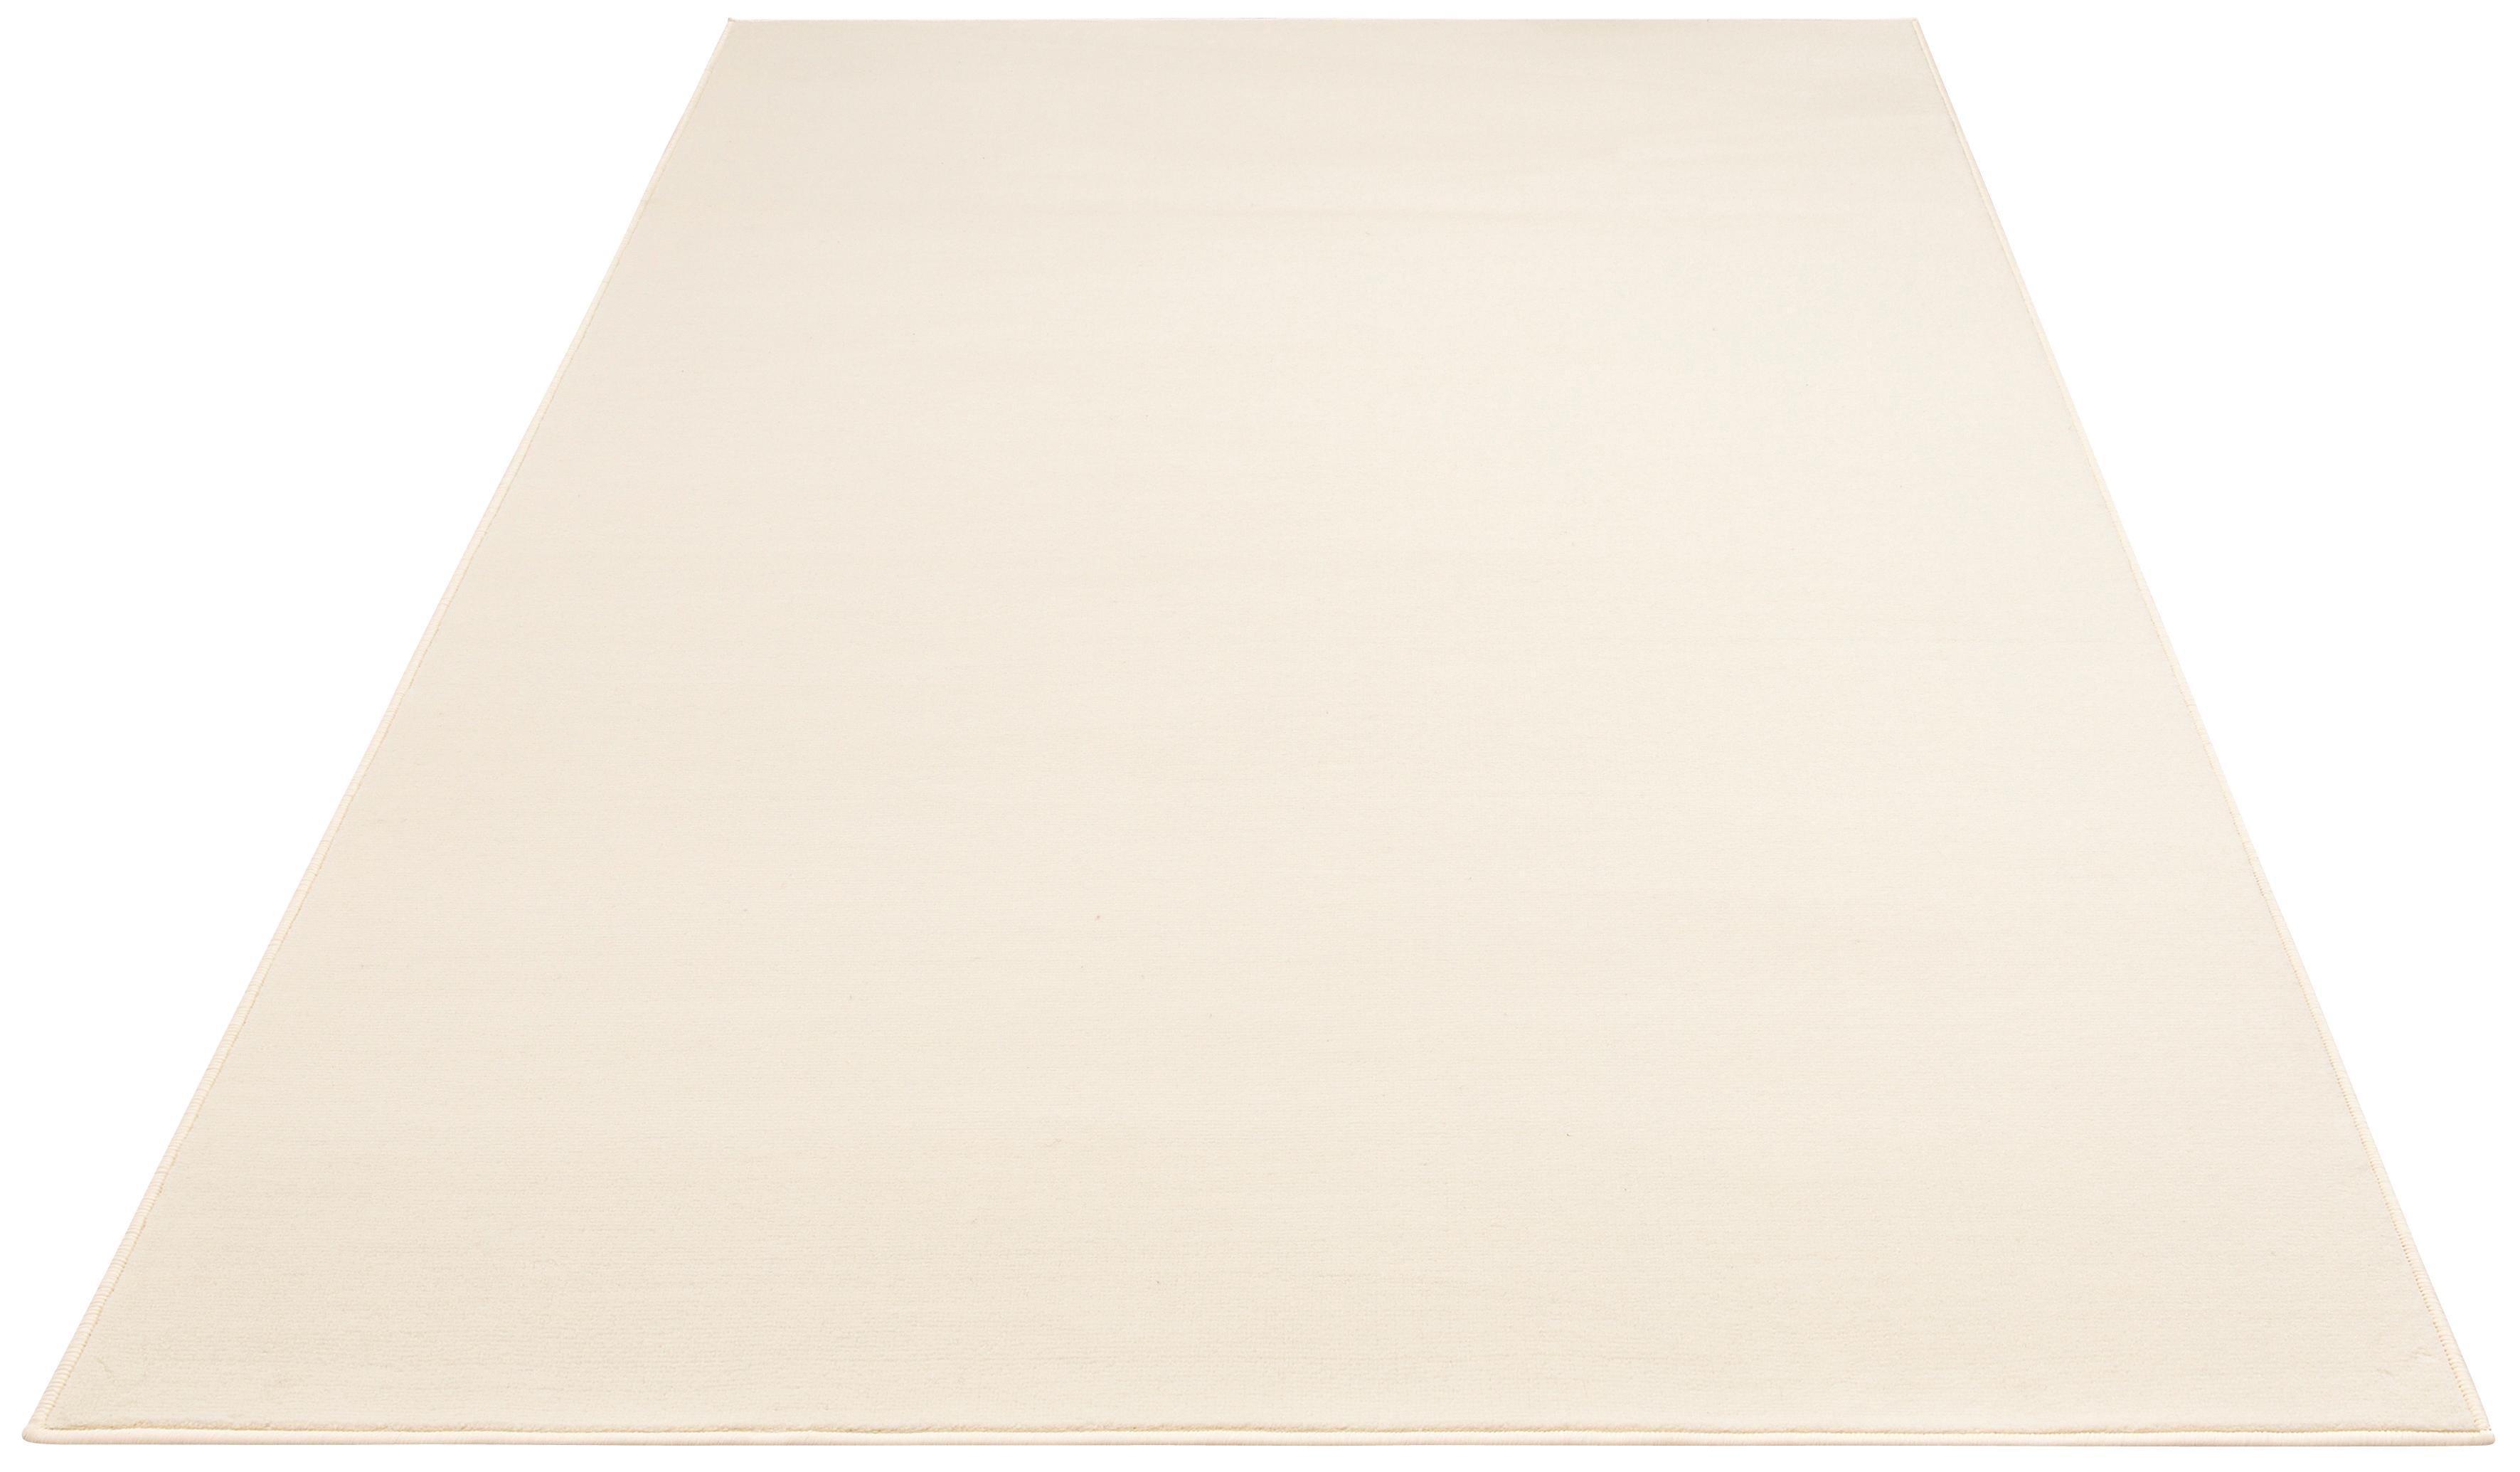 Teppich Paddy my home rechteckig Höhe 7 mm maschinell gewebt